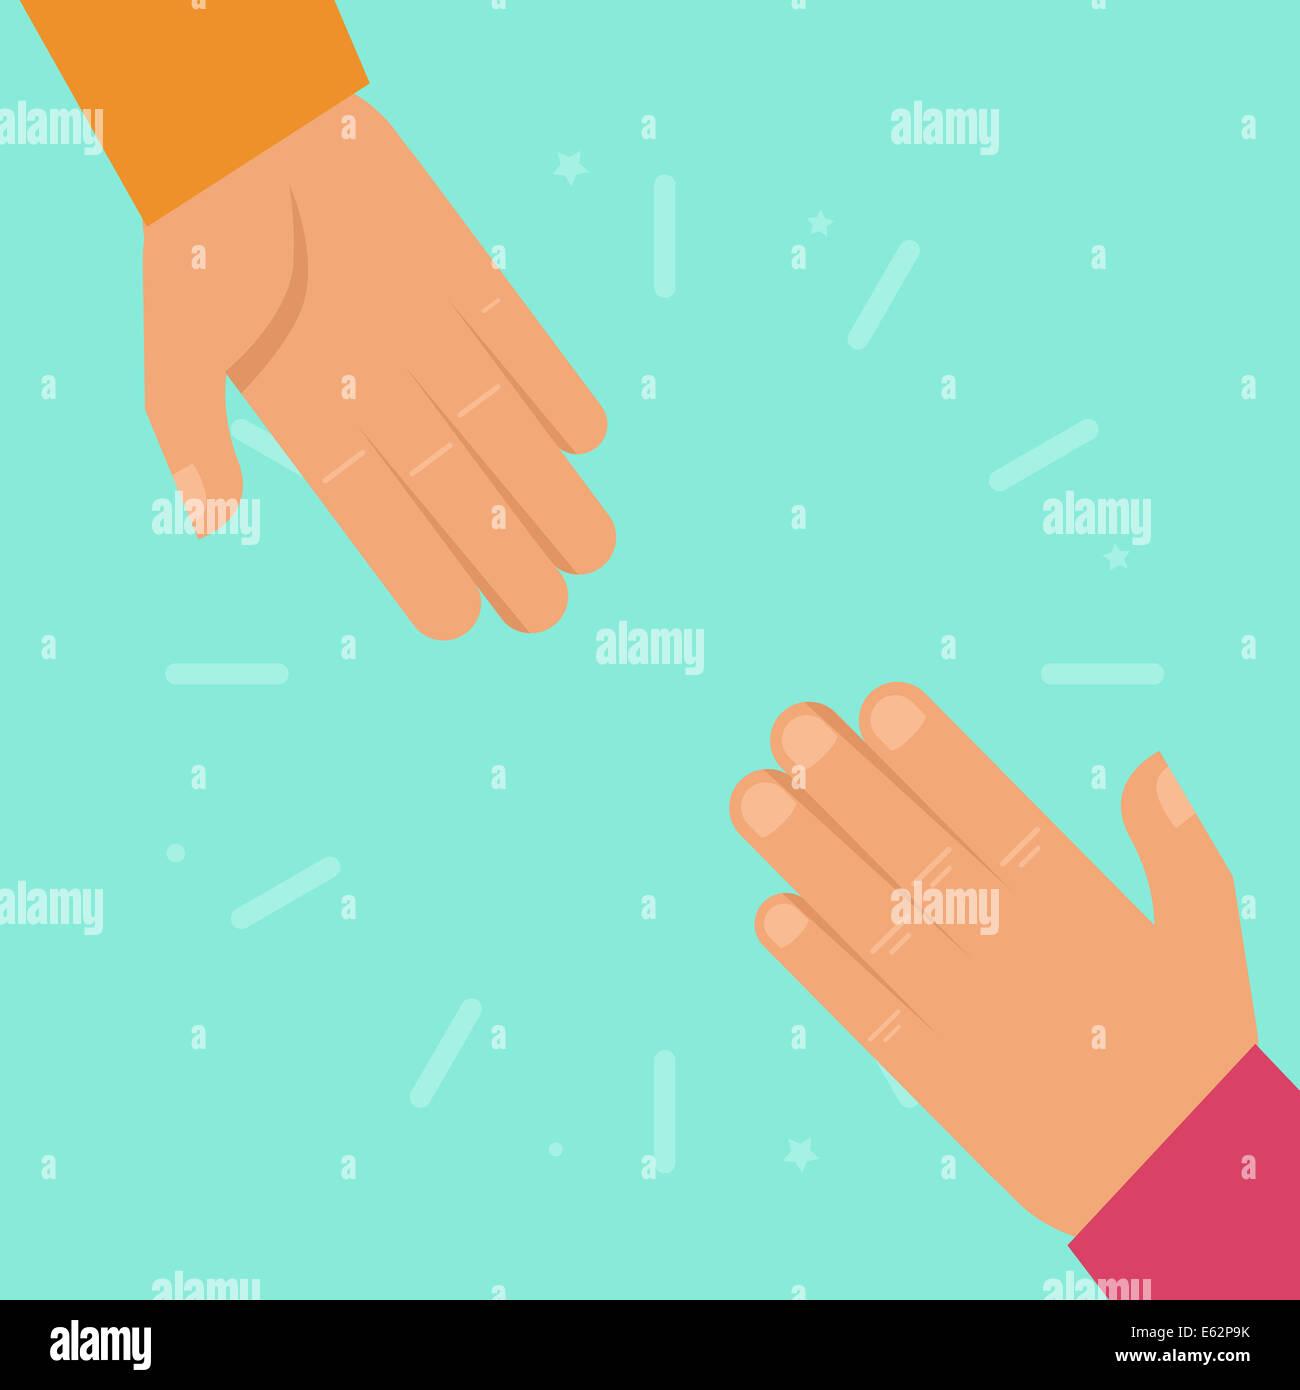 Helping Hands en estilo plano - la caridad y el concepto de asistencia Imagen De Stock